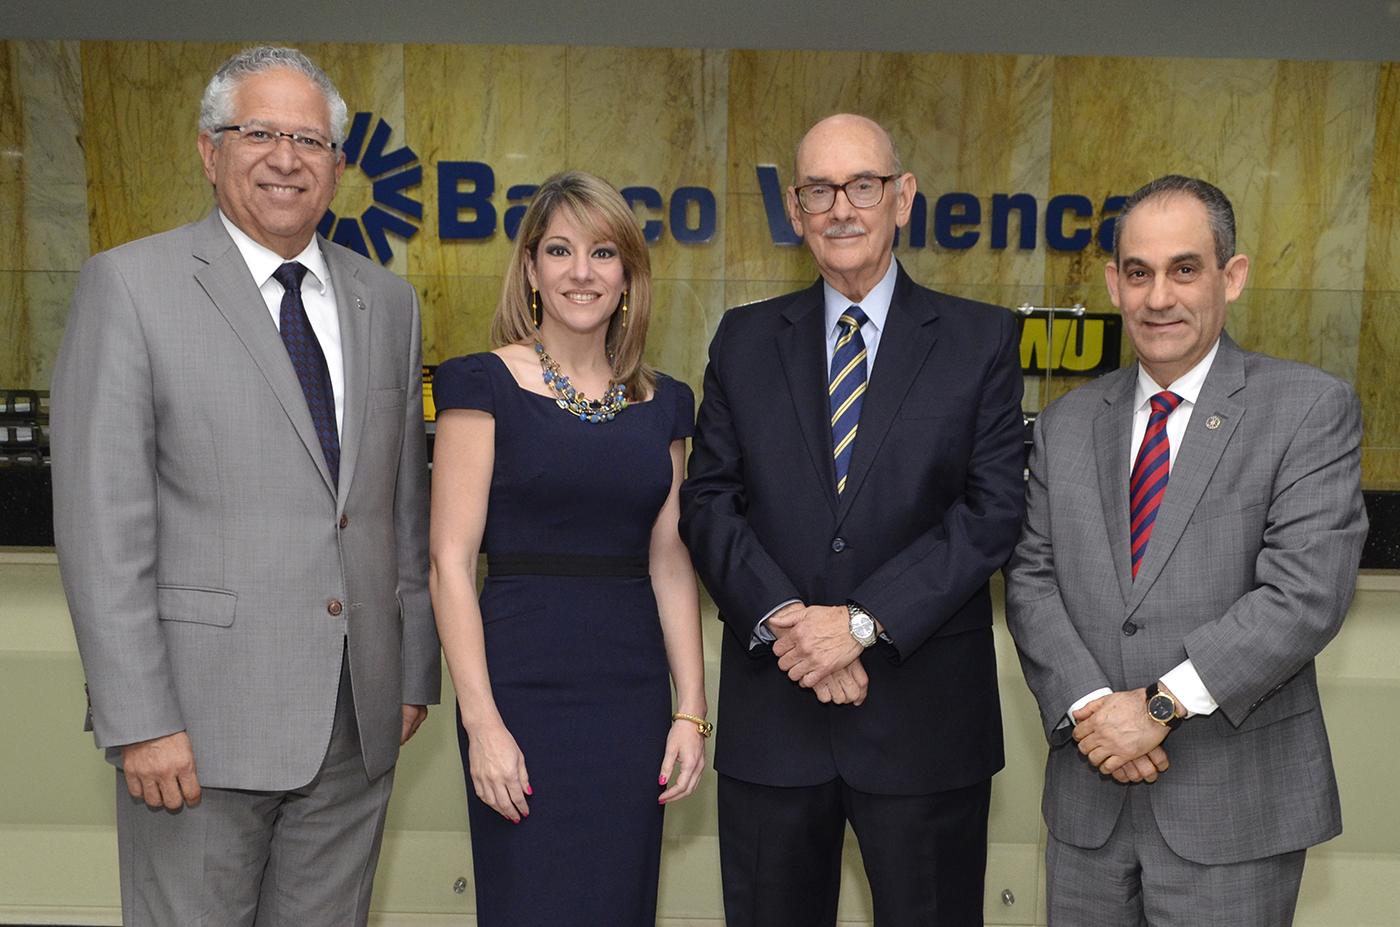 Banco Vimenca realiza Encuentro Económico con Clientes